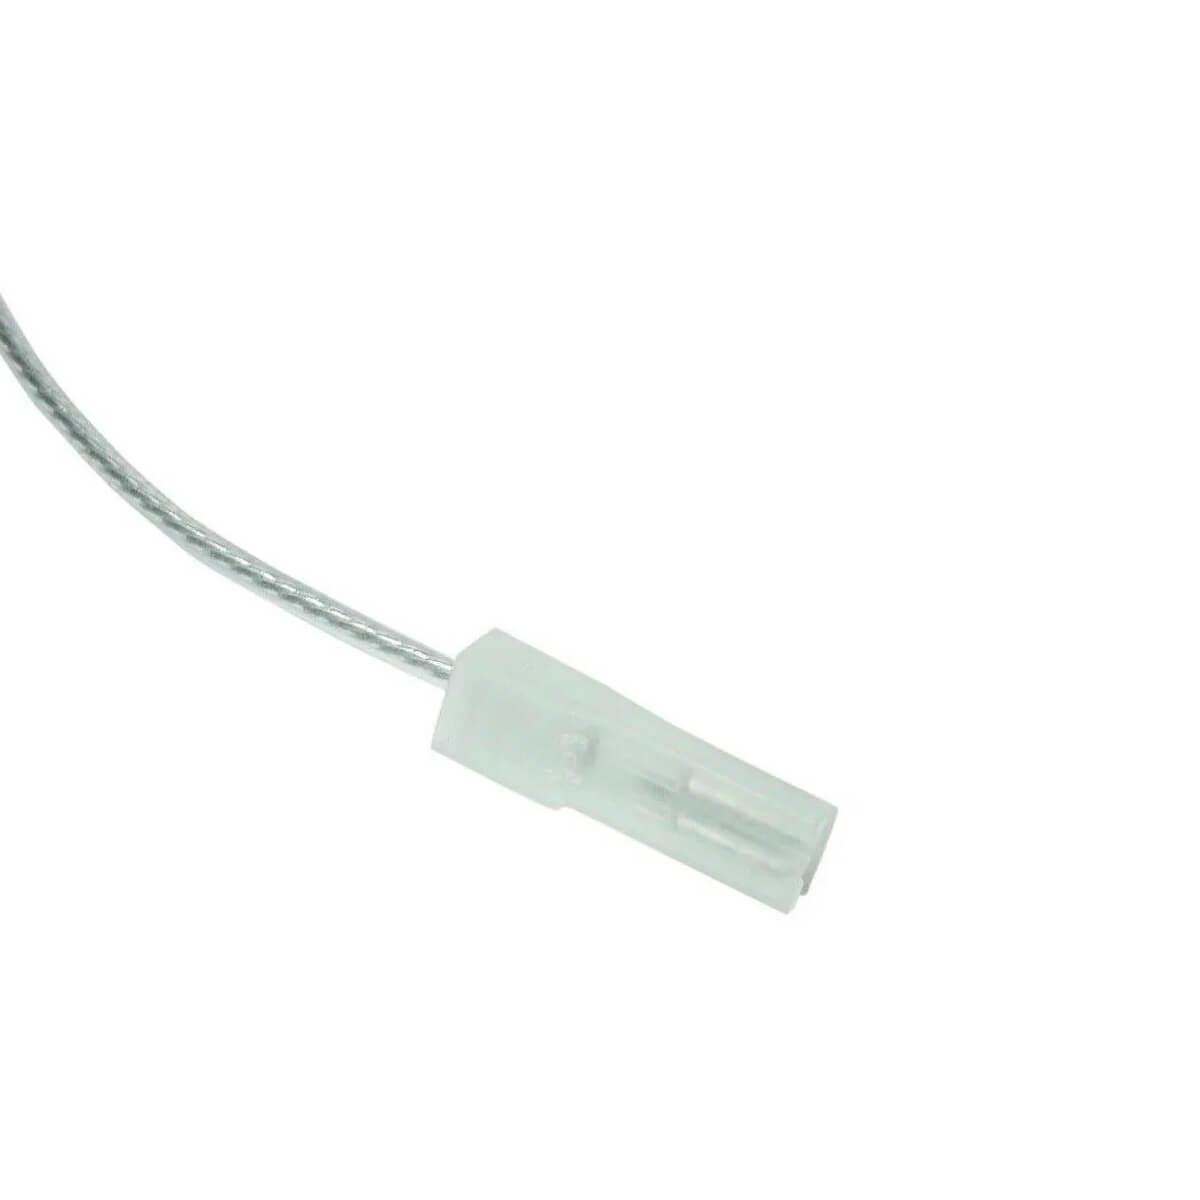 Vela De Ignição 430mm Para Fogão Electrolux - 64188852